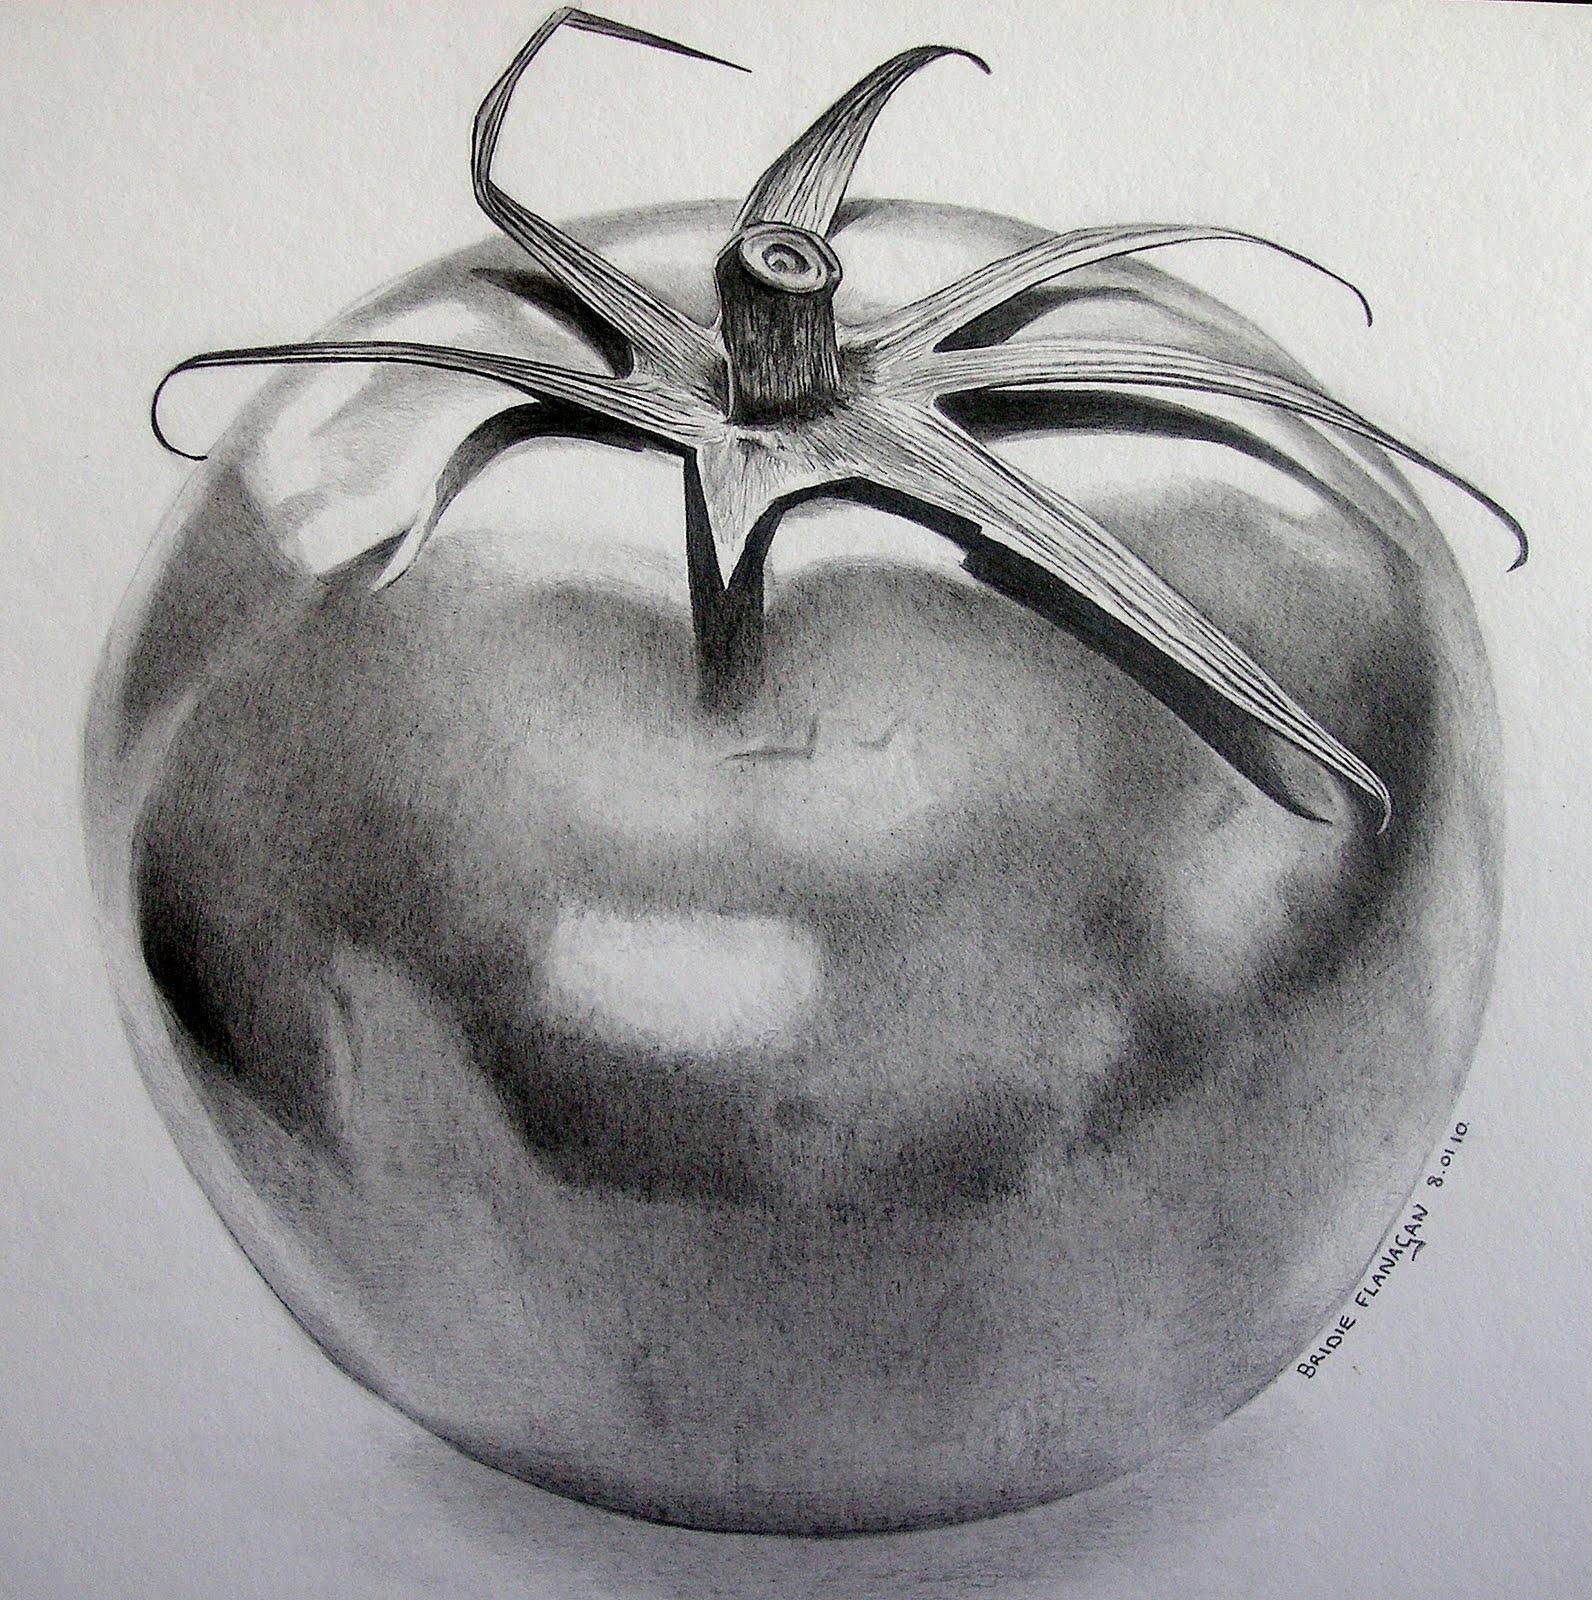 Drawn pencil fruit Artwork comments: 15 Bridie of